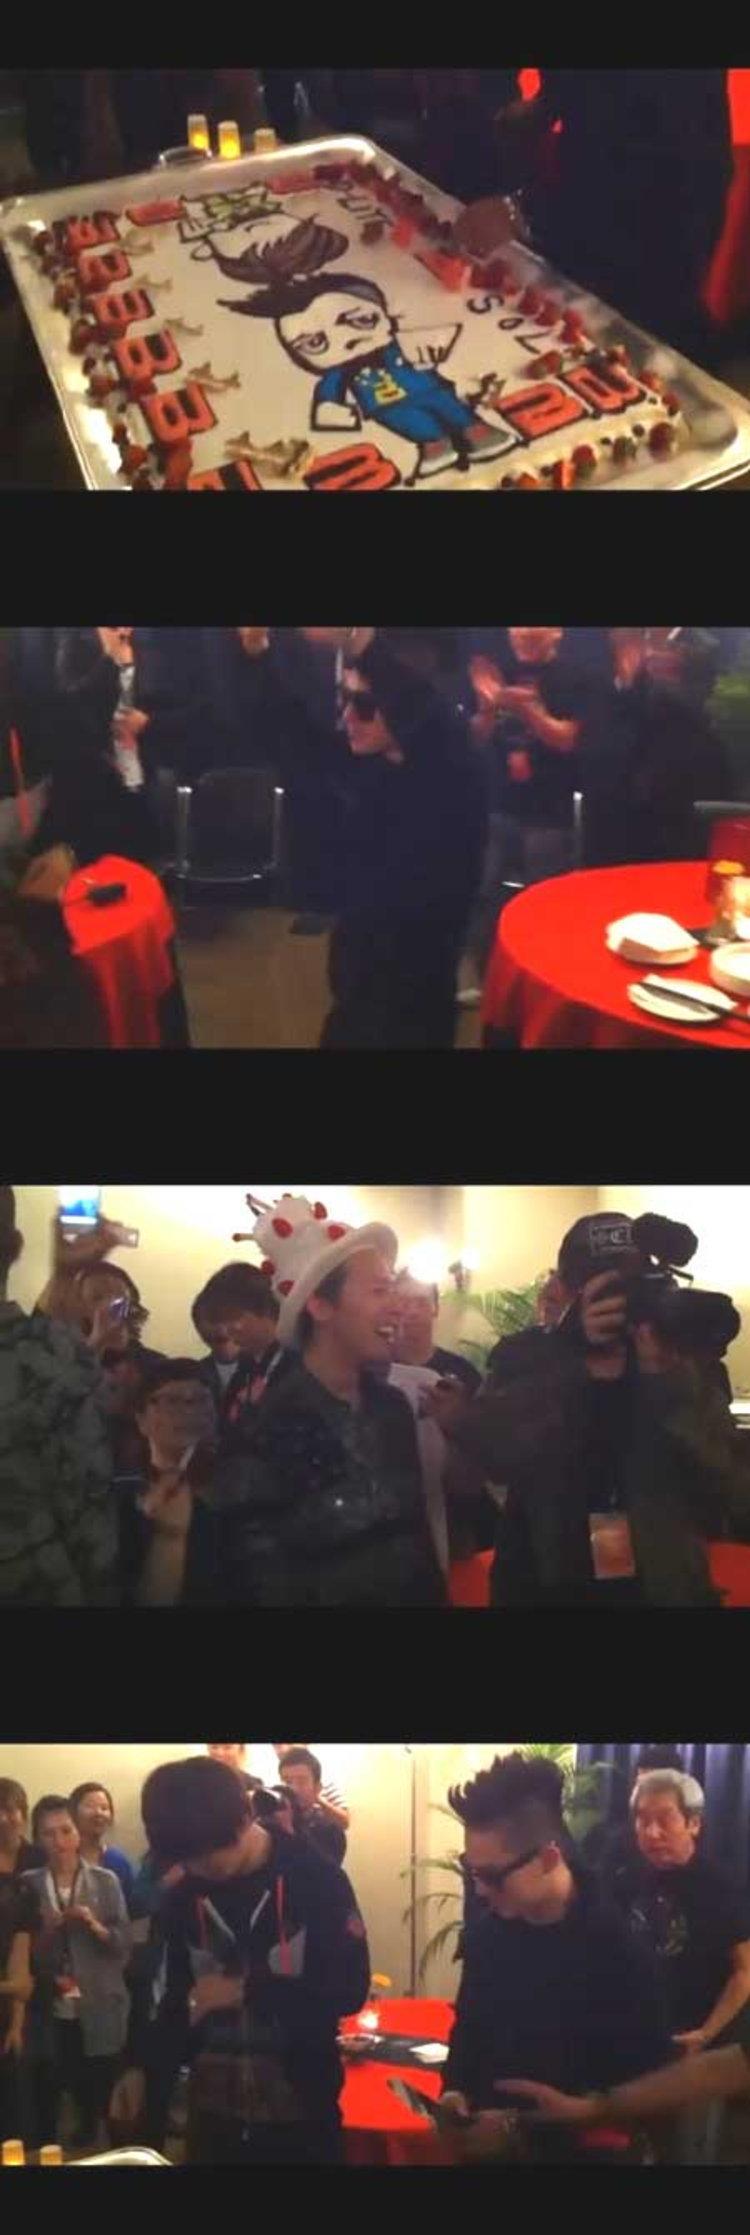 ซึงริ เผยคลิปปาร์ตี้วันเกิด แทยัง แห่ง BIGBANG